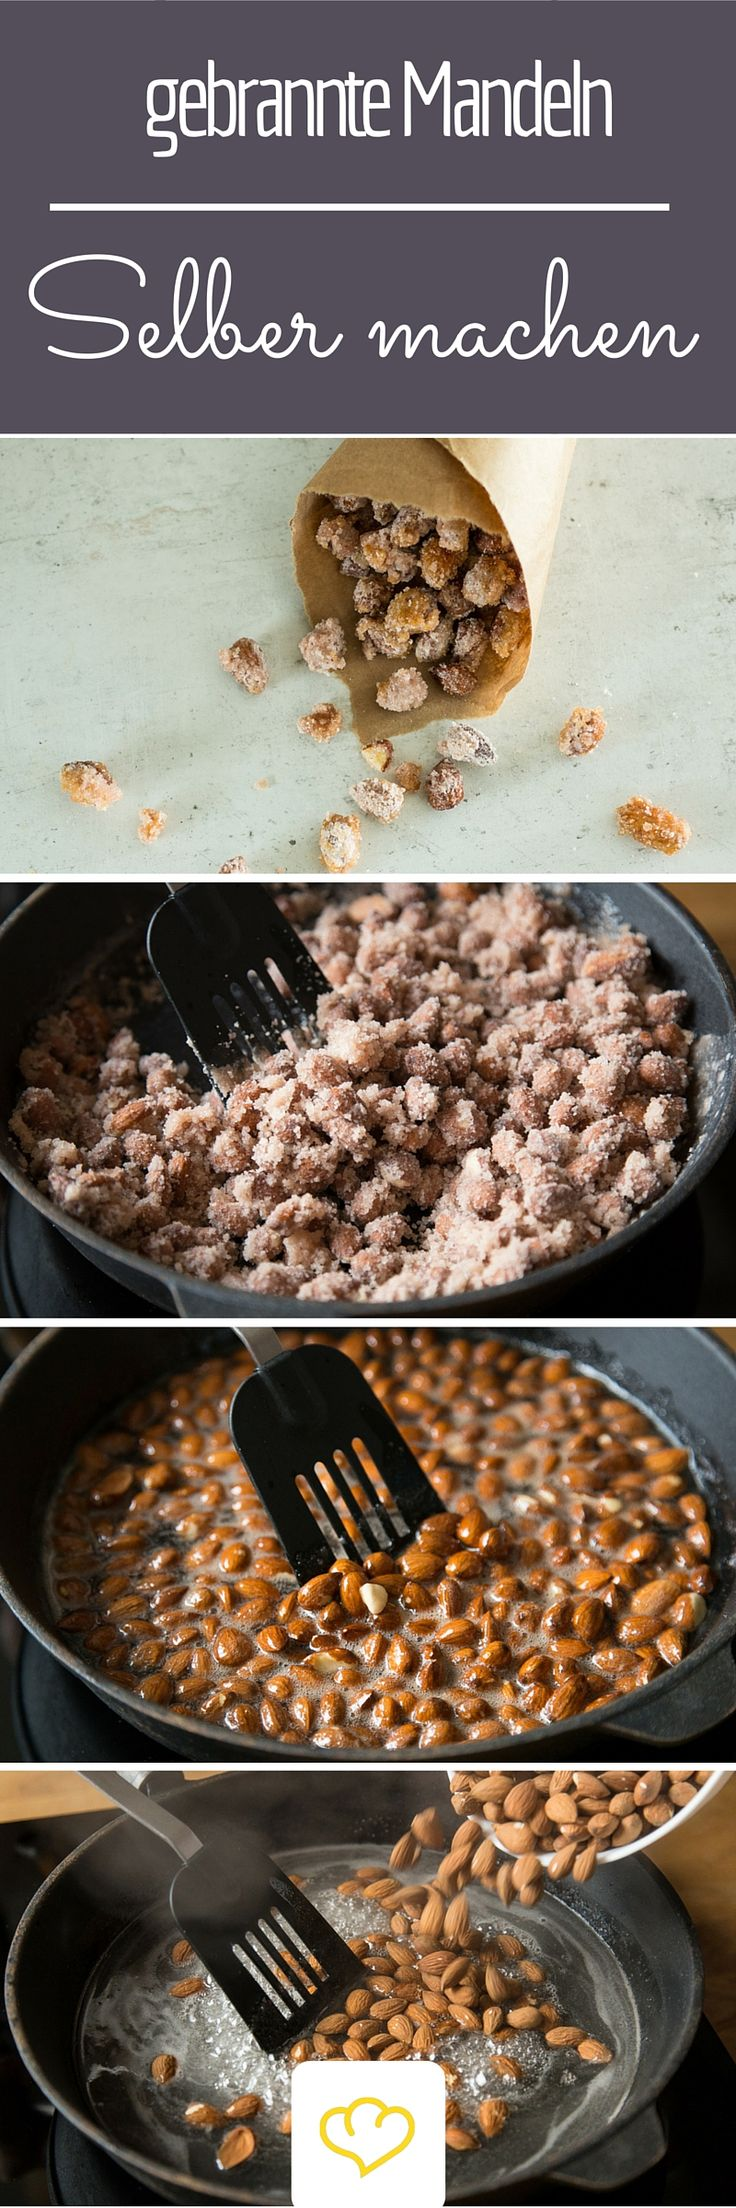 Gebrannte Mandeln selber zu machen, ist gar nicht so schwer! Dazu brauchst du auch keinen Kupfertopf, eine große Pfanne reicht! Los geht's!